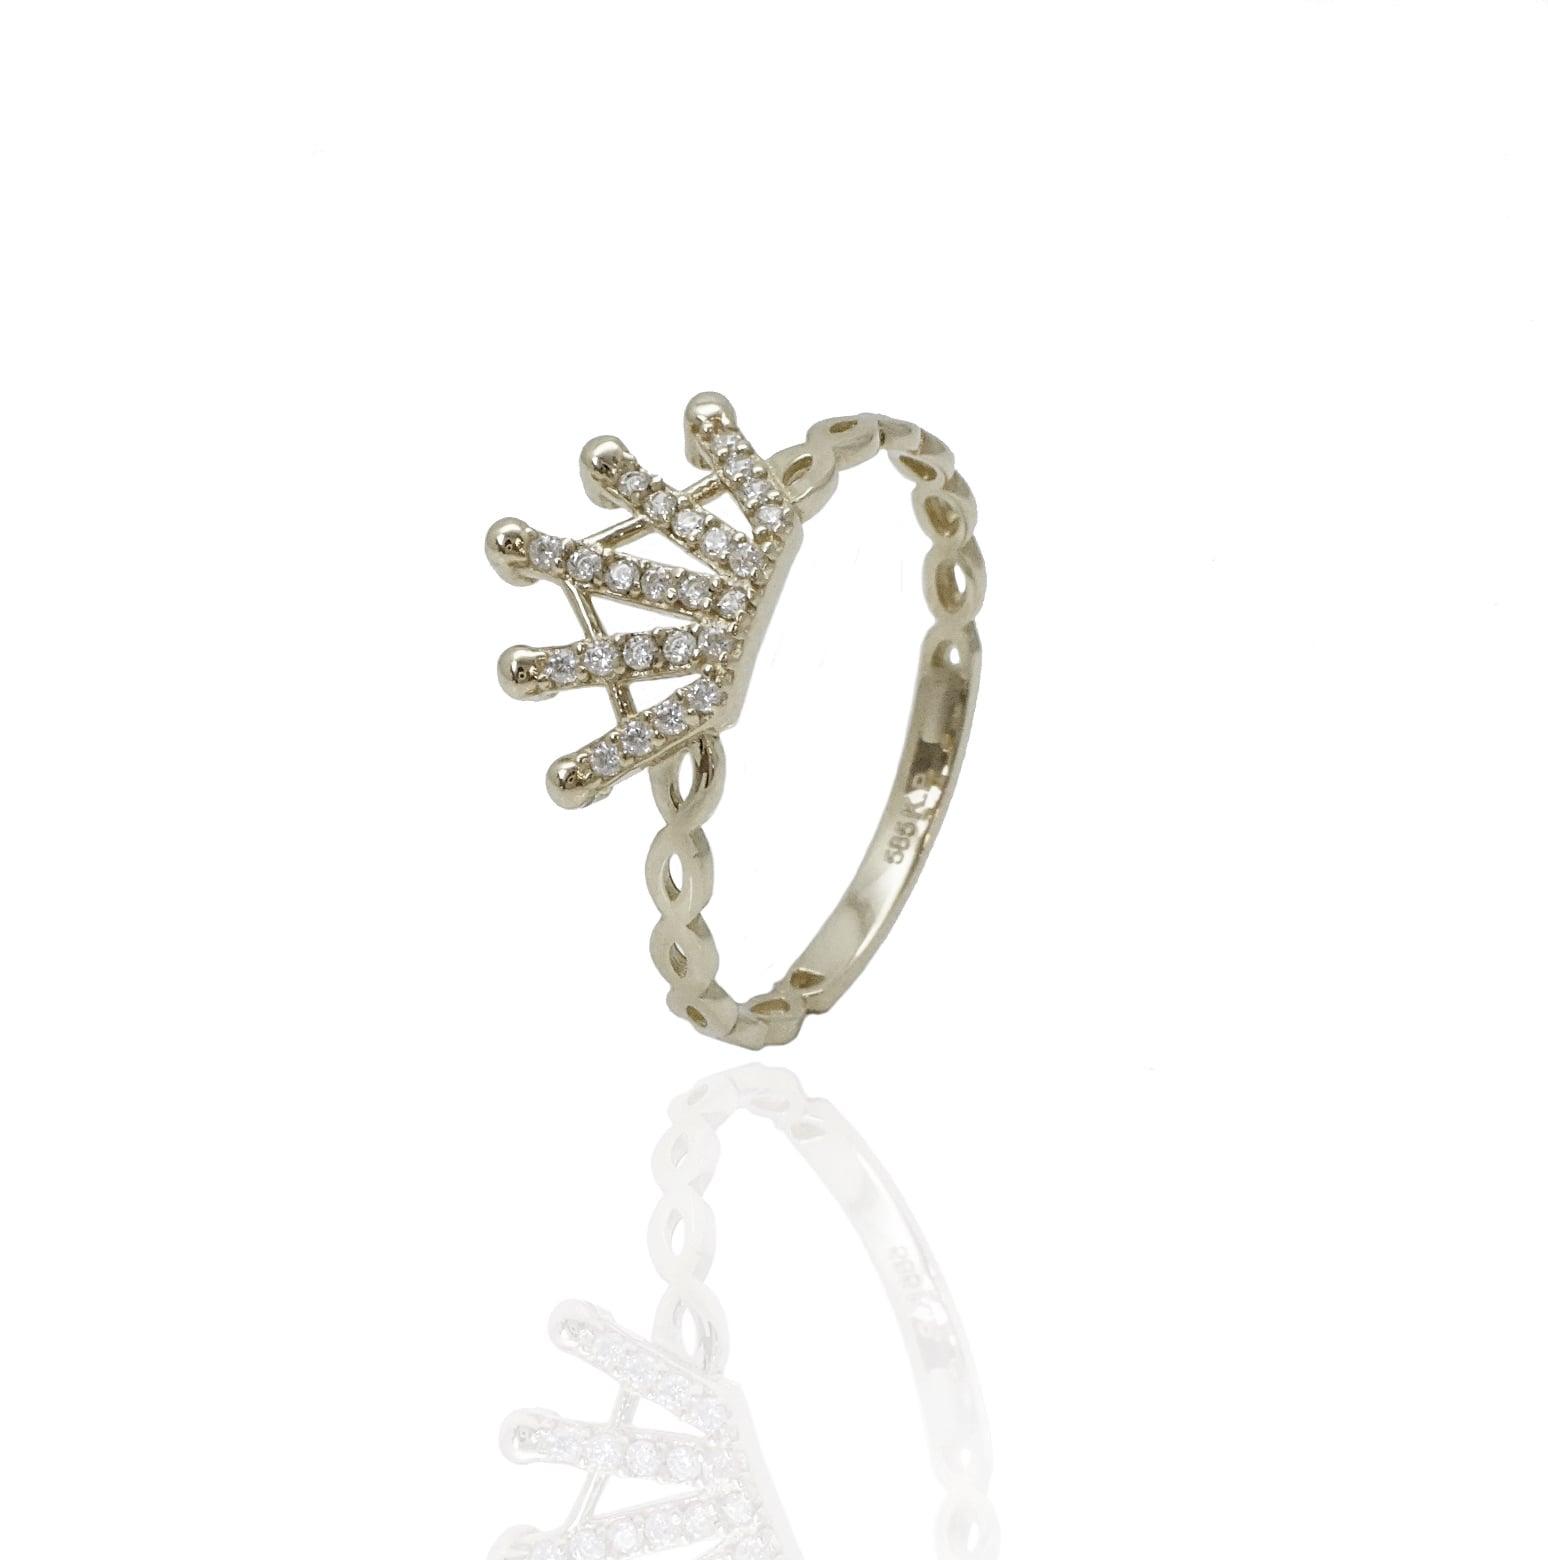 טבעת כתר זהב וזרקונים לאשה